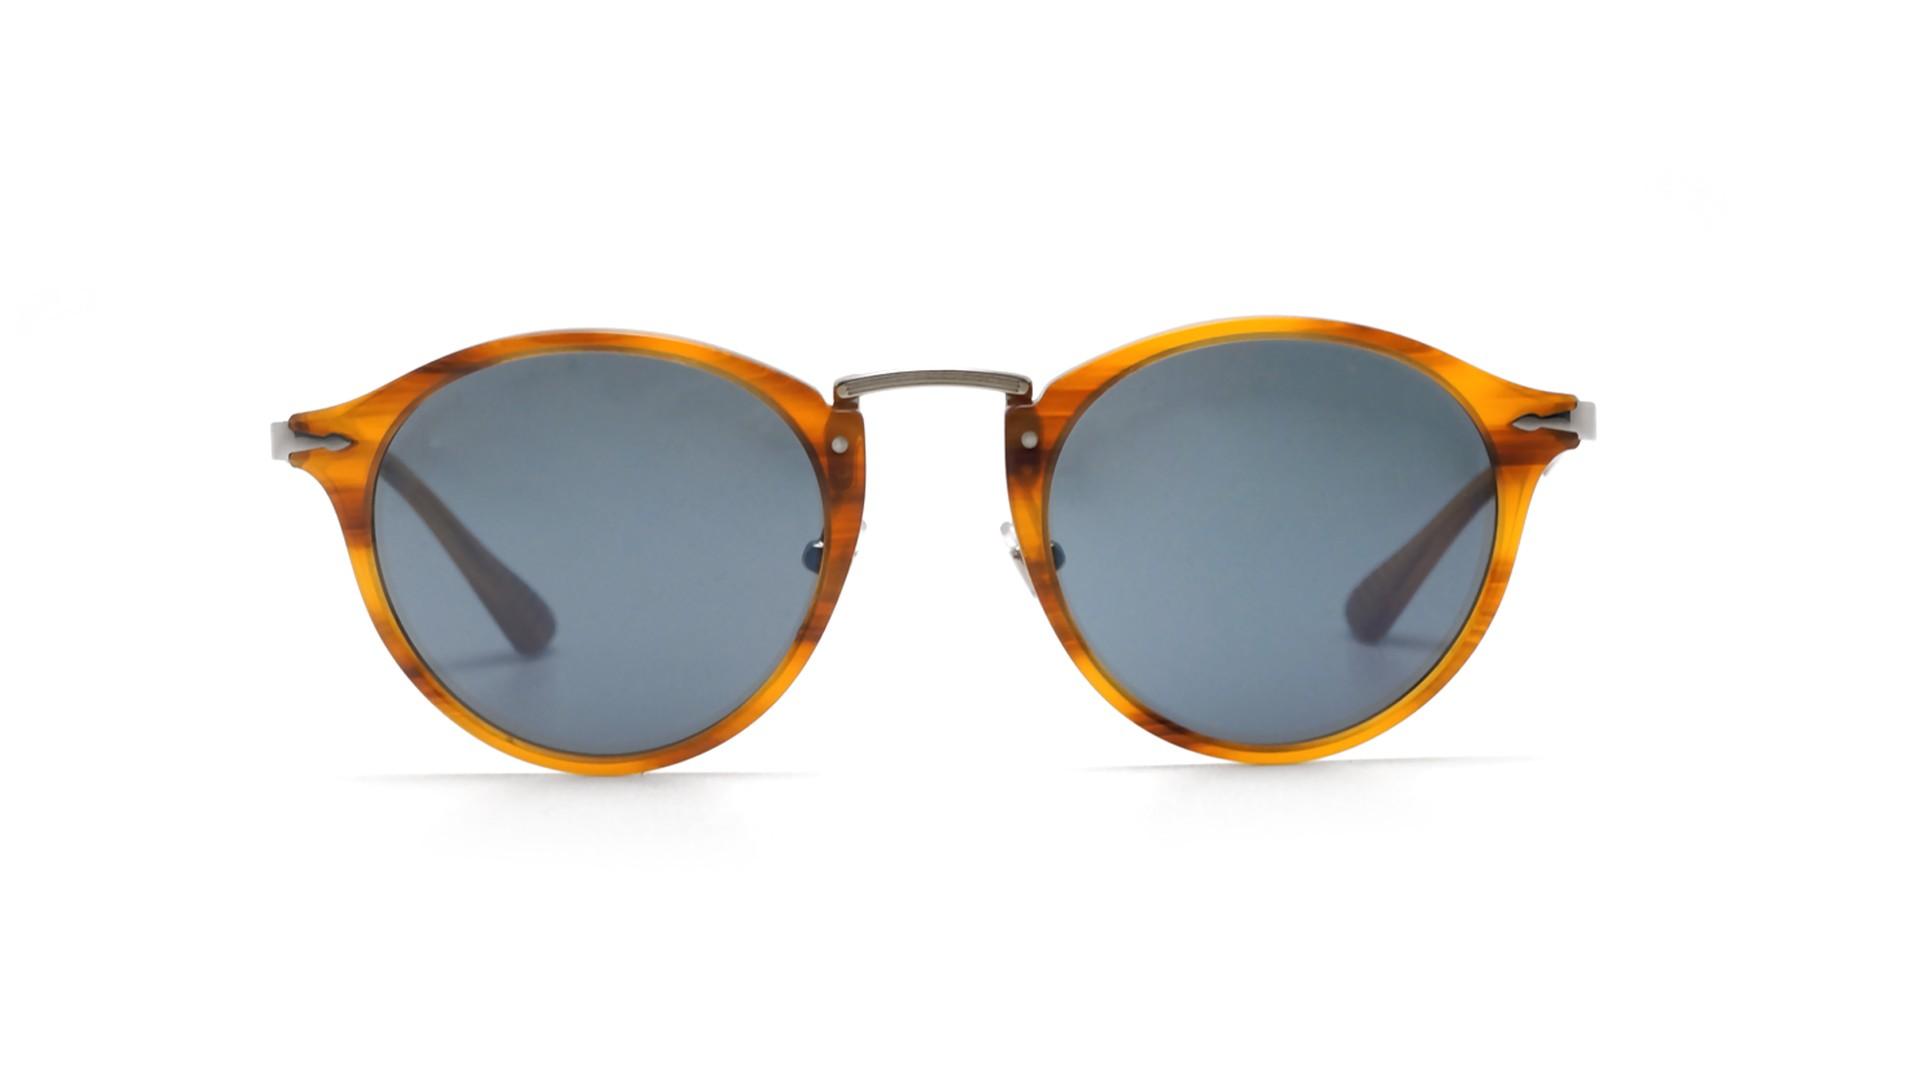 0539524ca5 Sunglasses Persol Calligrapher edition Tortoise PO3166S 960 56 49-22 Medium